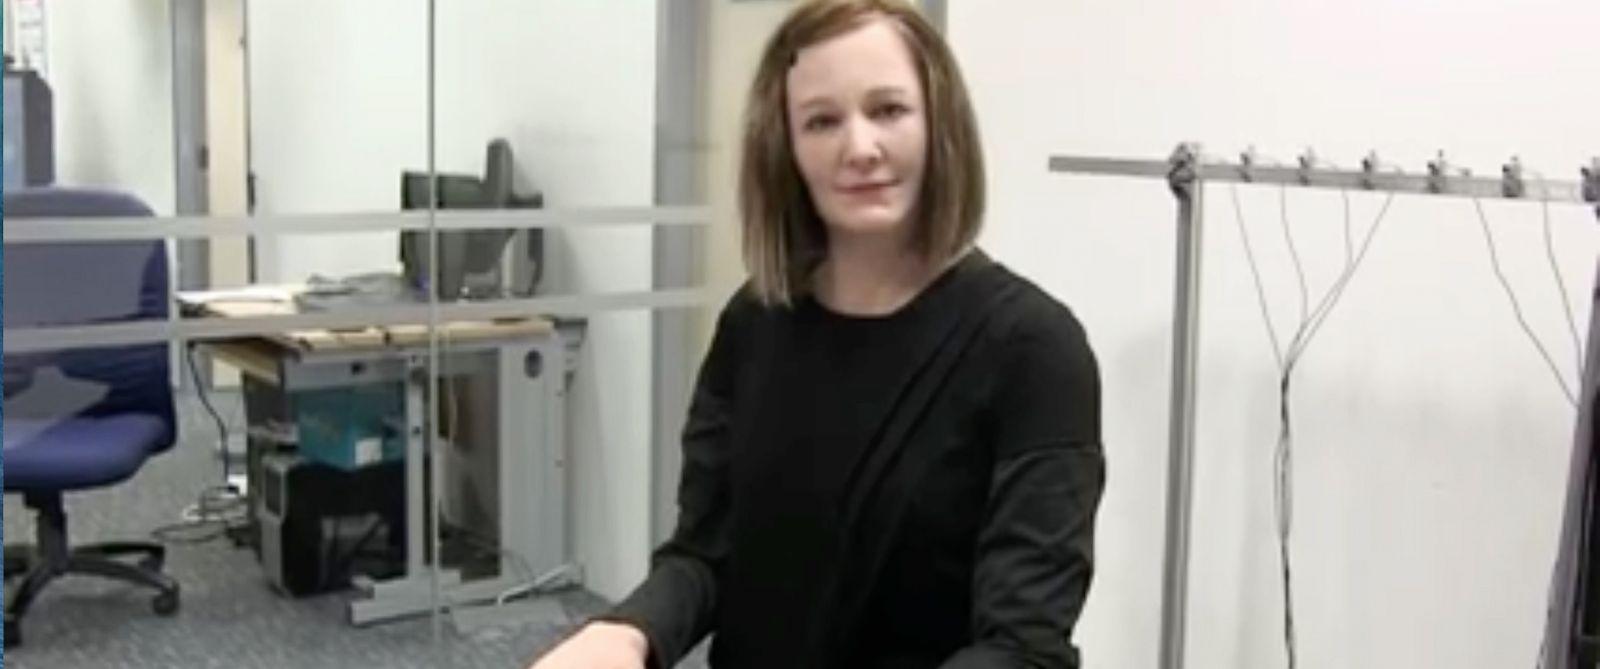 Роботът Надин, приличащ на човек и притежаващ индивидуалност, настроение и емоции